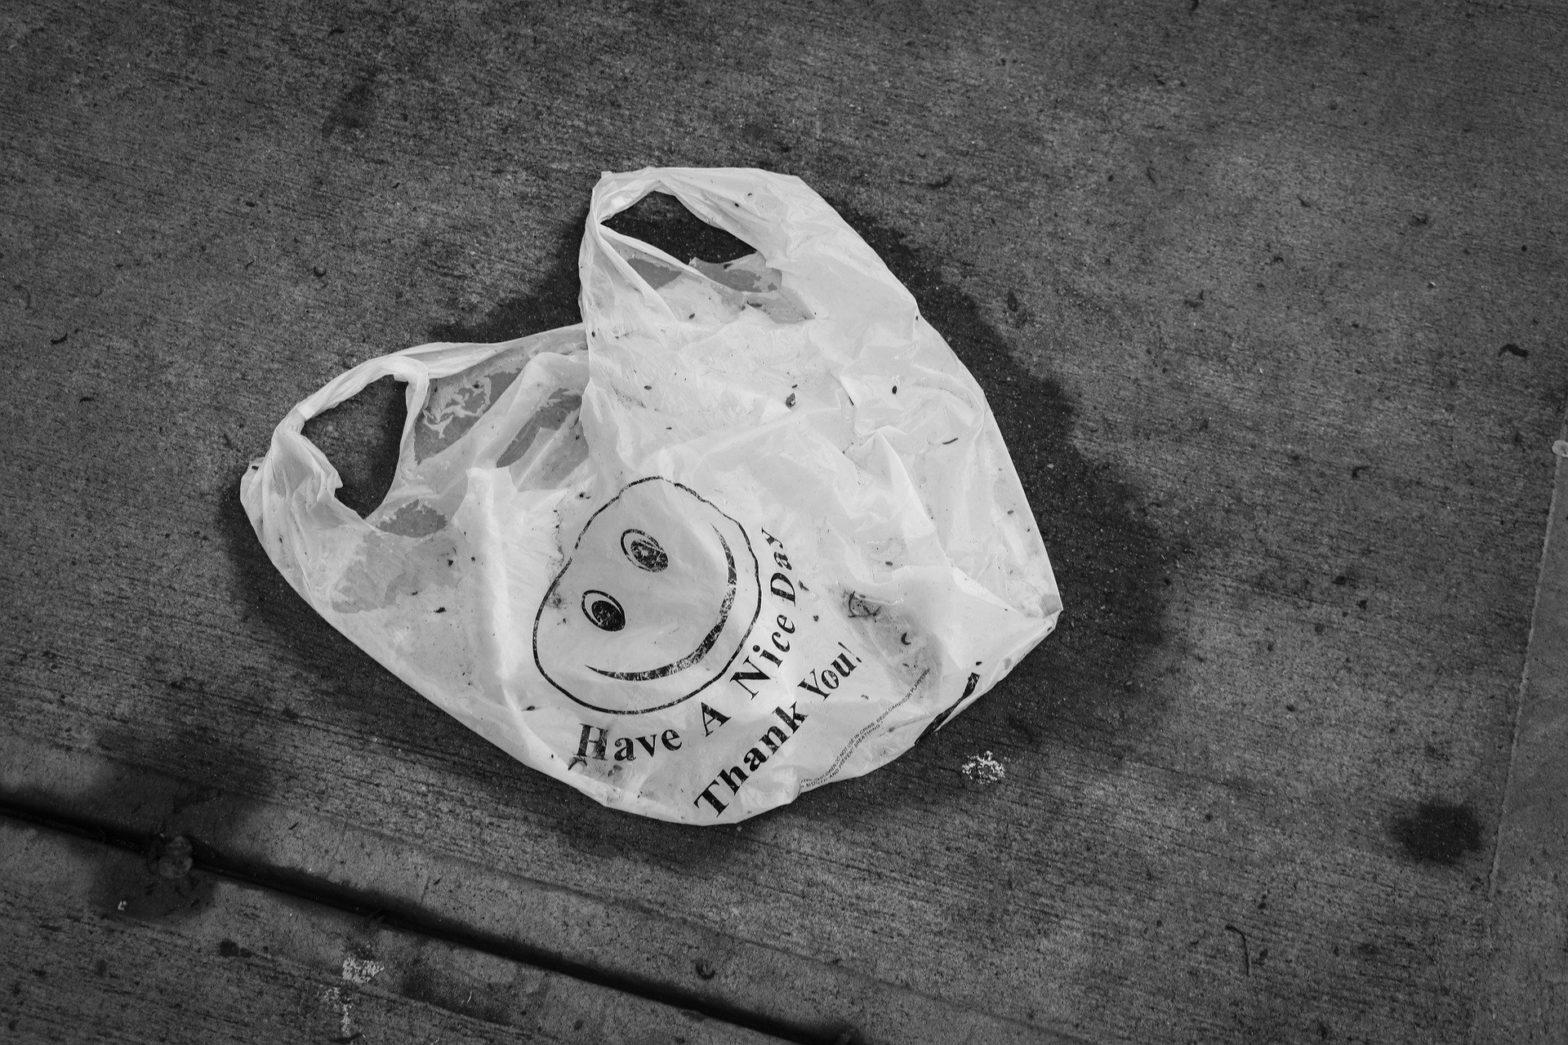 Eine dreckige, benutzte Plastiktüte mit smiley Emotikon: have a nice day